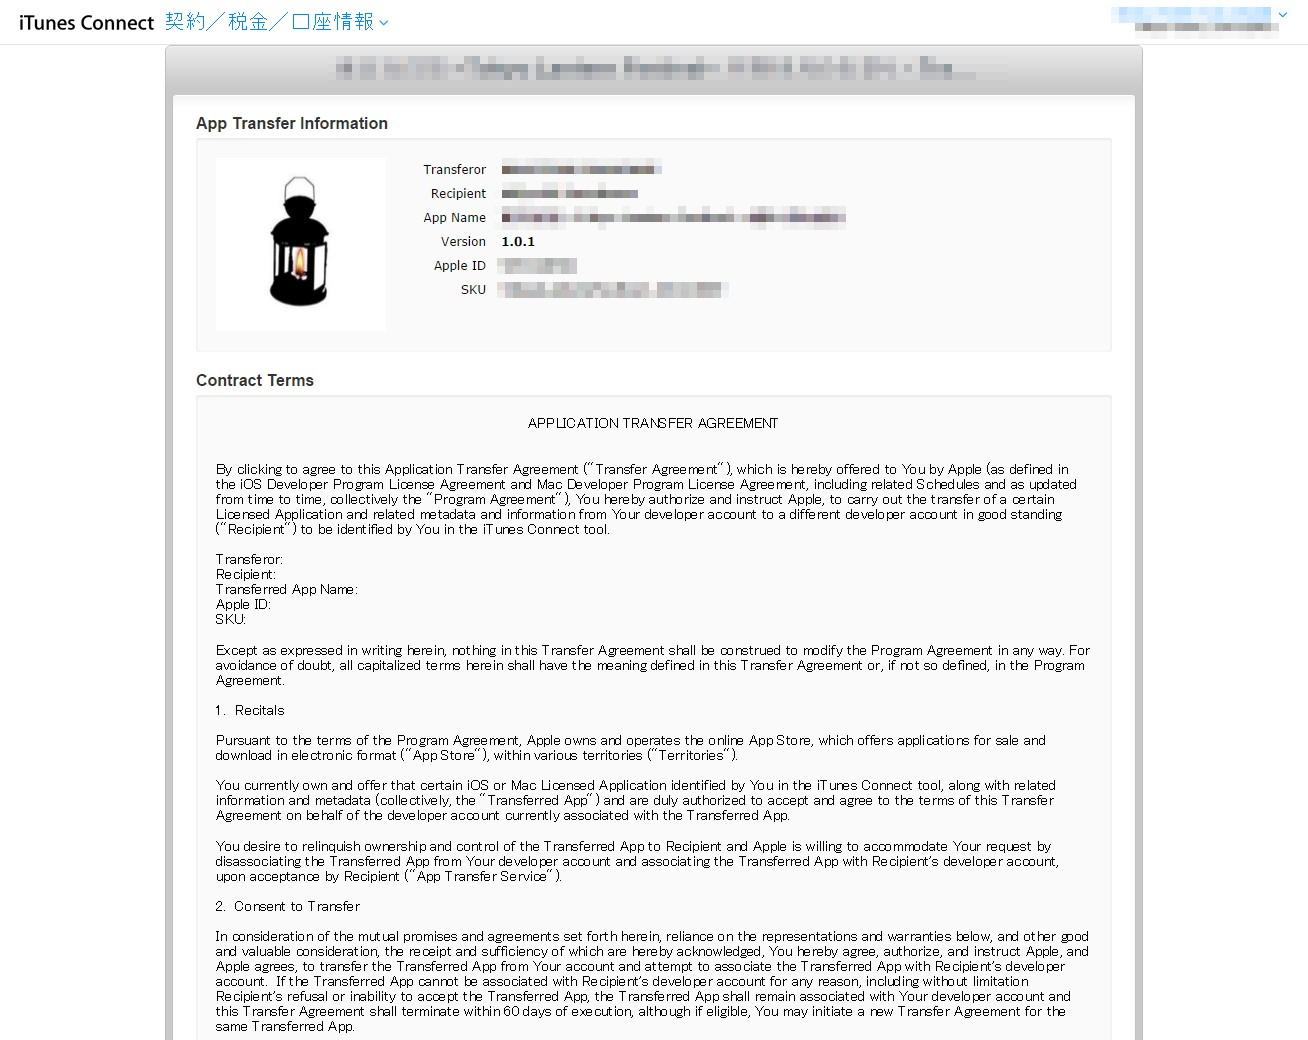 Request Transferチェック画面